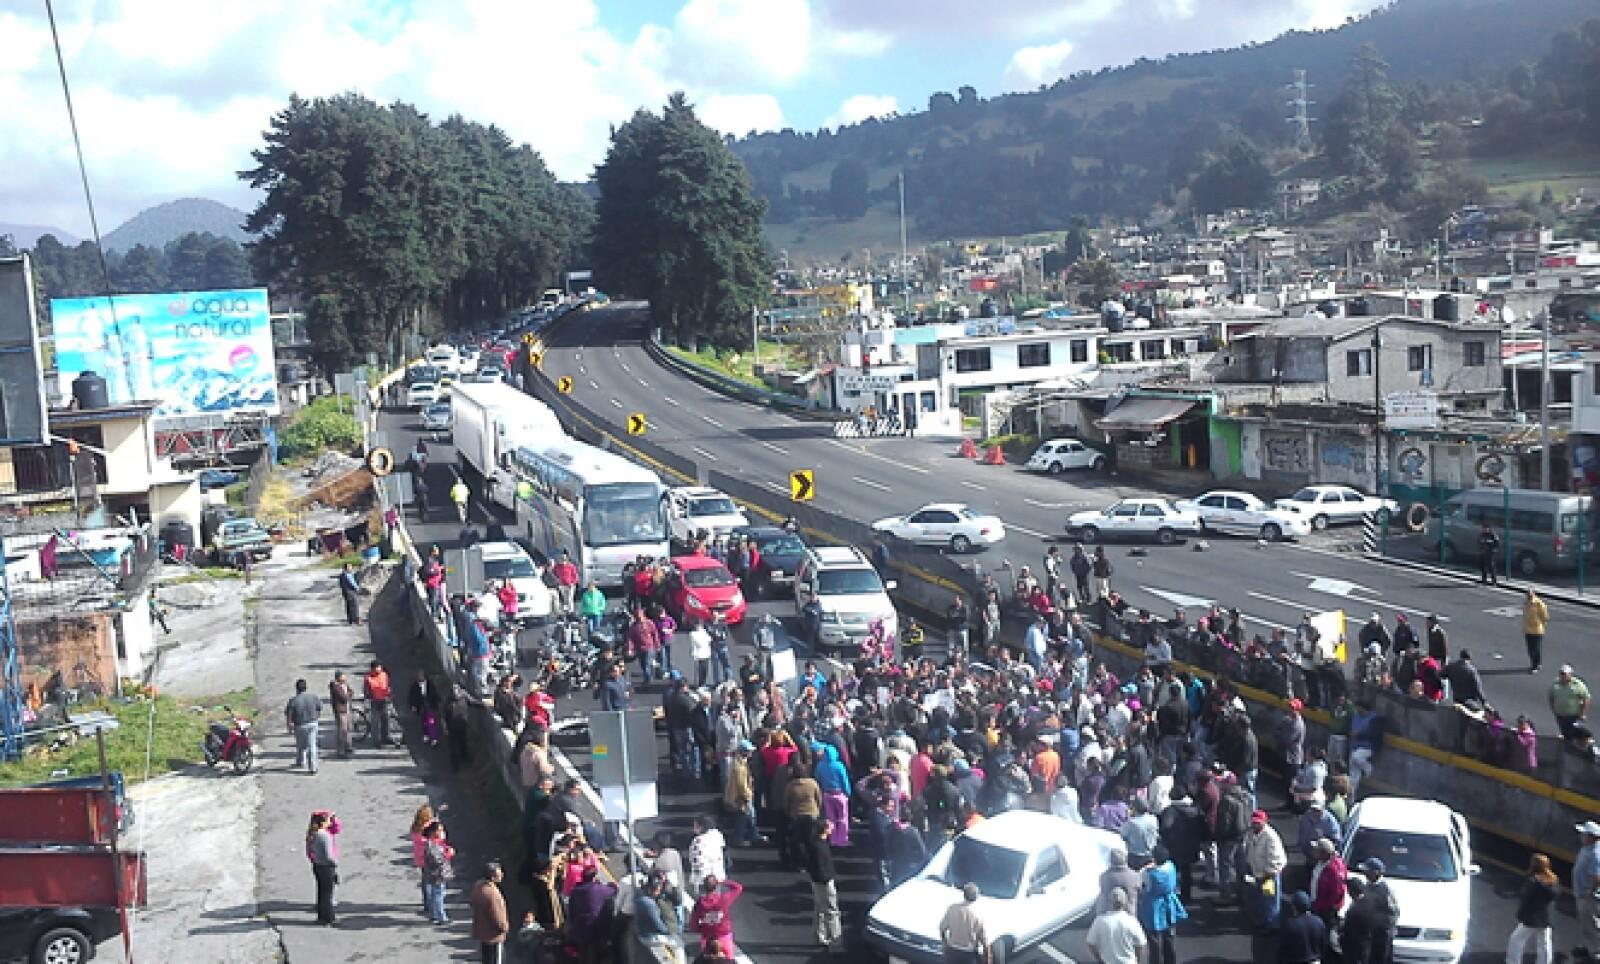 Habitantes el poblado de Tres Marías bloquearon la autopista México-Cuernavaca exigiendo mayor seguridad en la región, aunque el portal CNNMéxico reporta que es por el secuestro de un joven en Morelos.